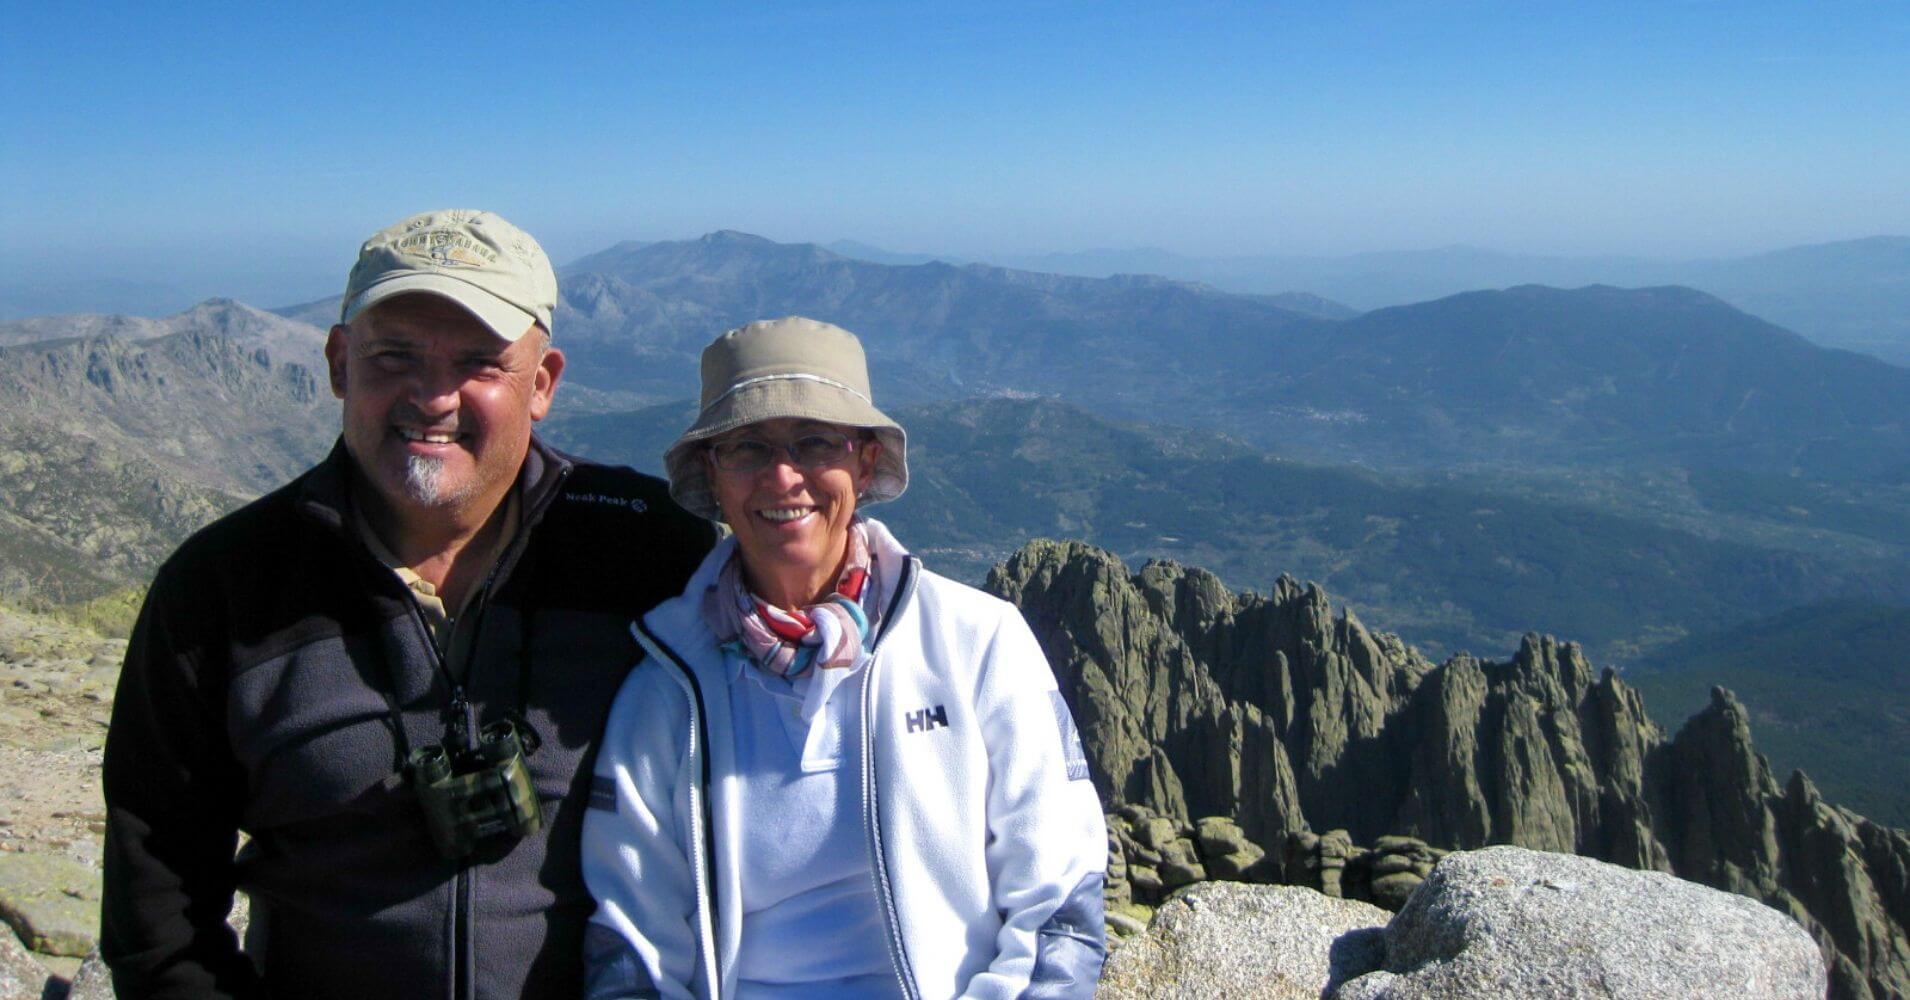 Cumbre del Pico de la Mira de Gredos. Ávila. Castilla y León.